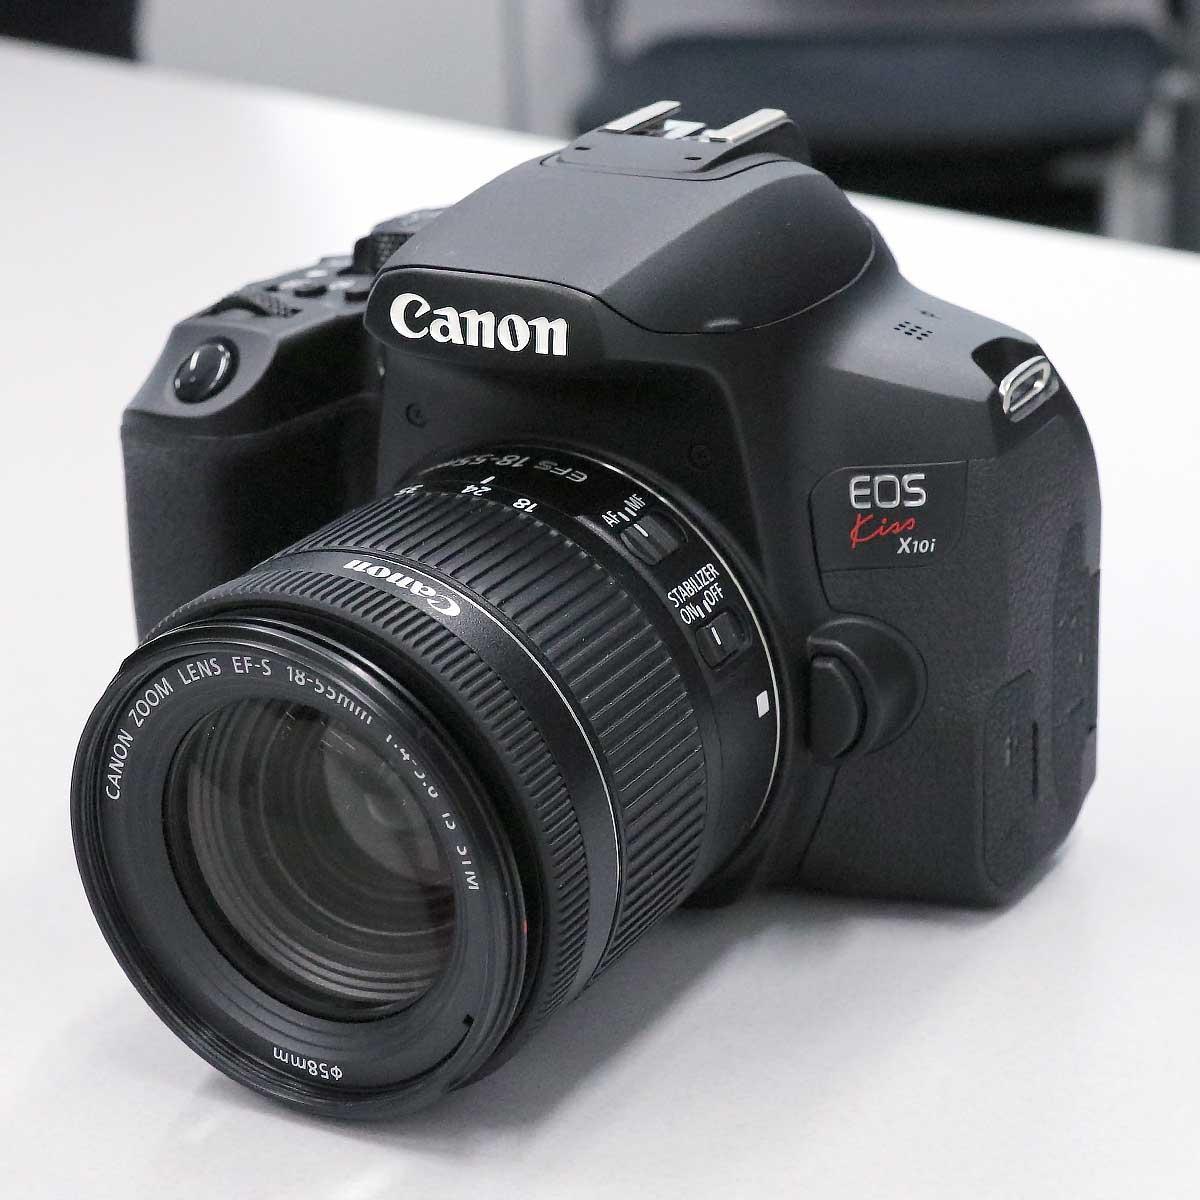 キヤノンが「EOS Kiss X10i」を発表! 全画像自動転送の新サービス「image.canon」も